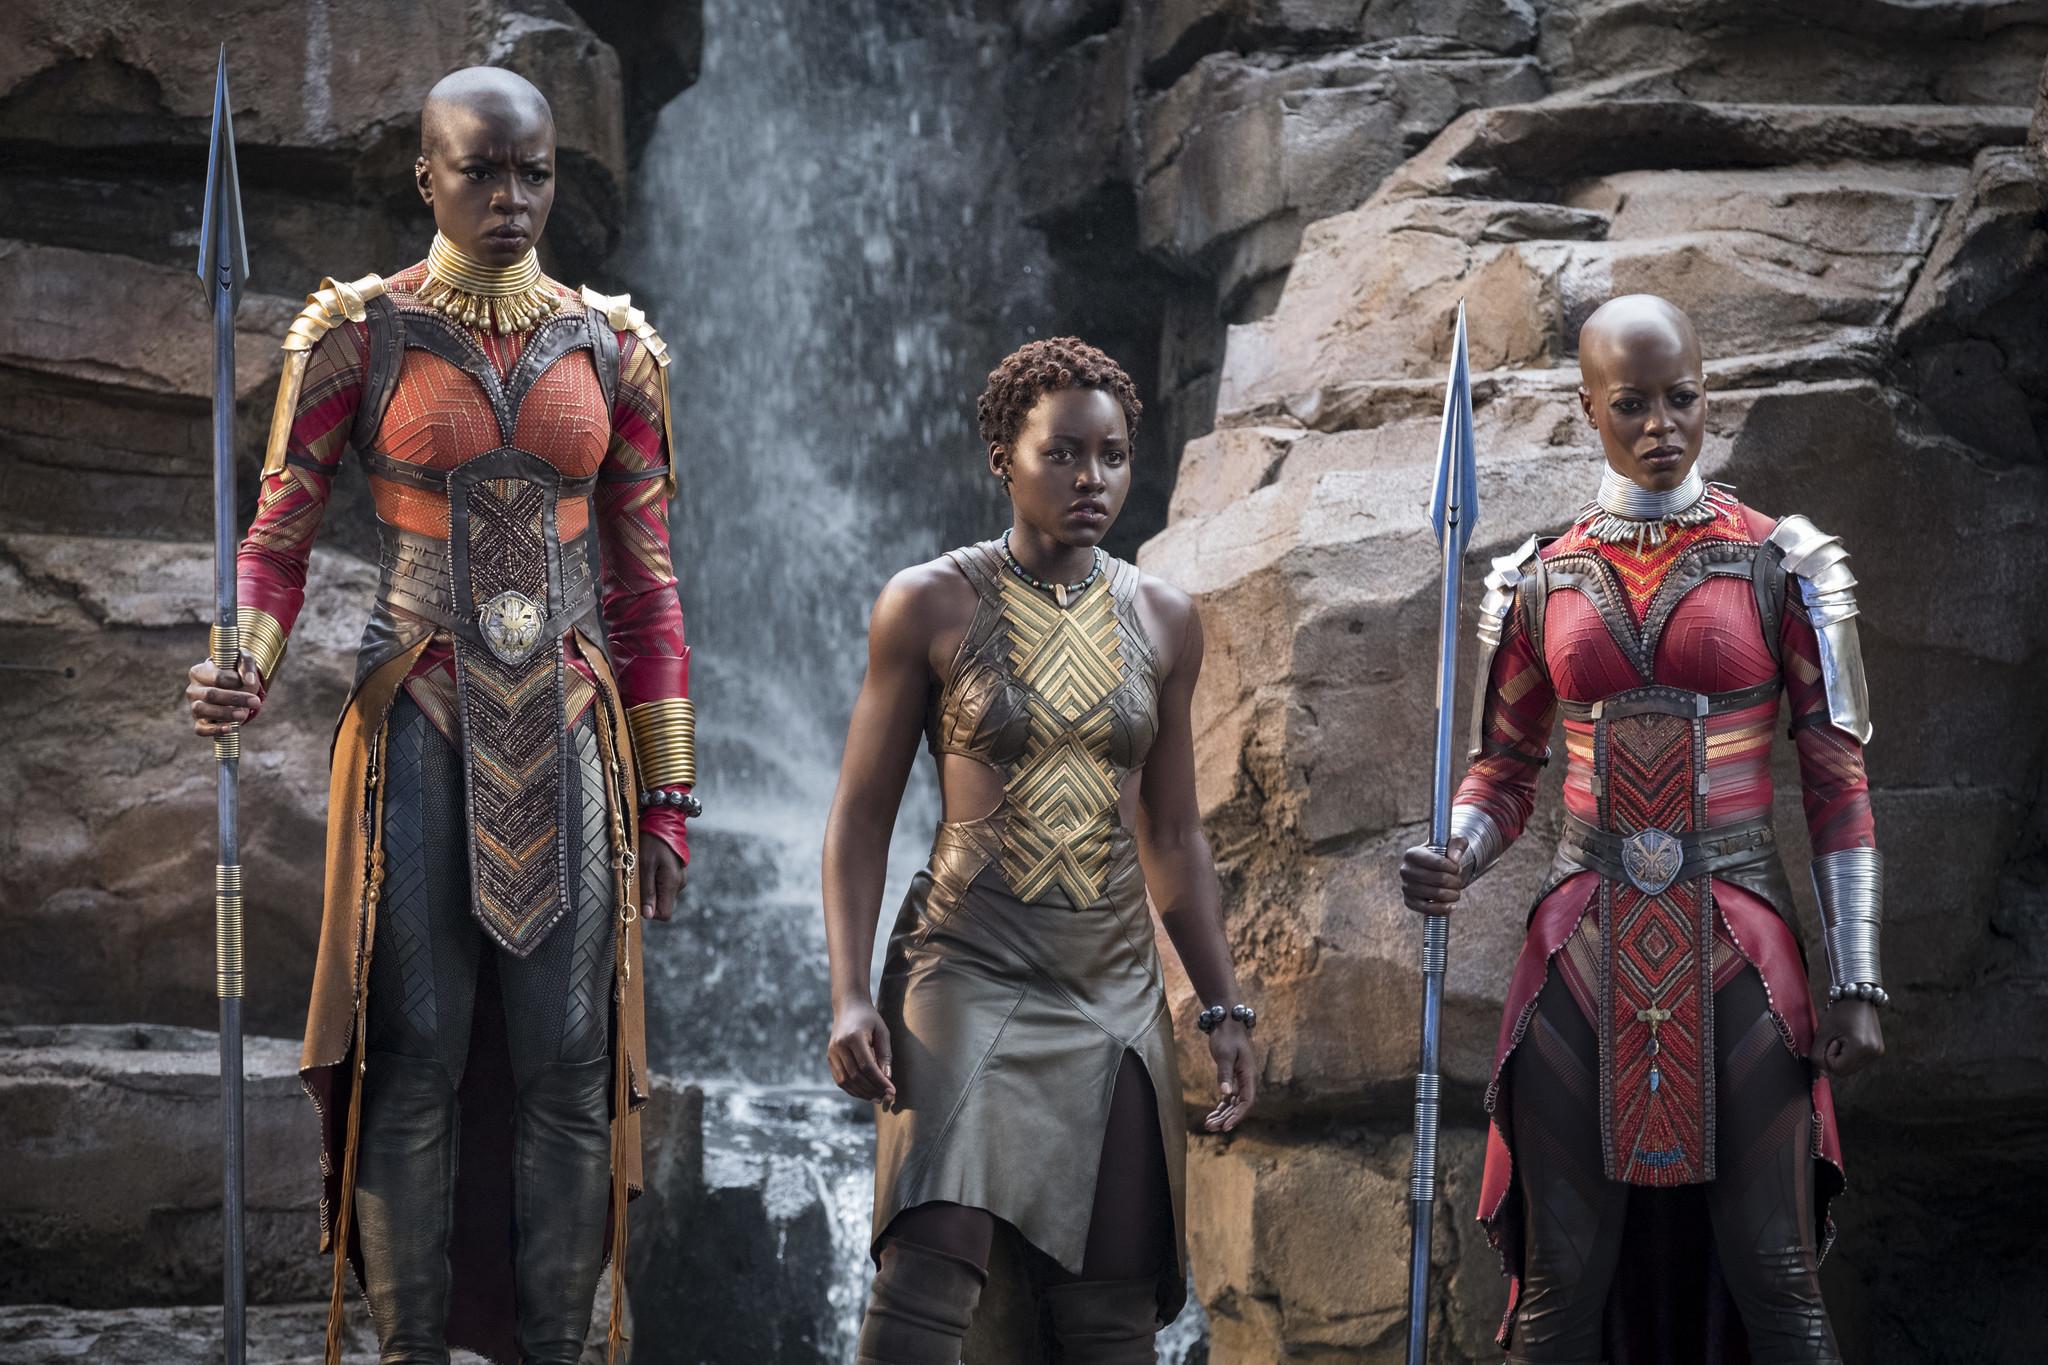 Lupita Nyong'o als Nakia en Danai Gurira als Okoye met de Dora Milaje © Marvel Studios